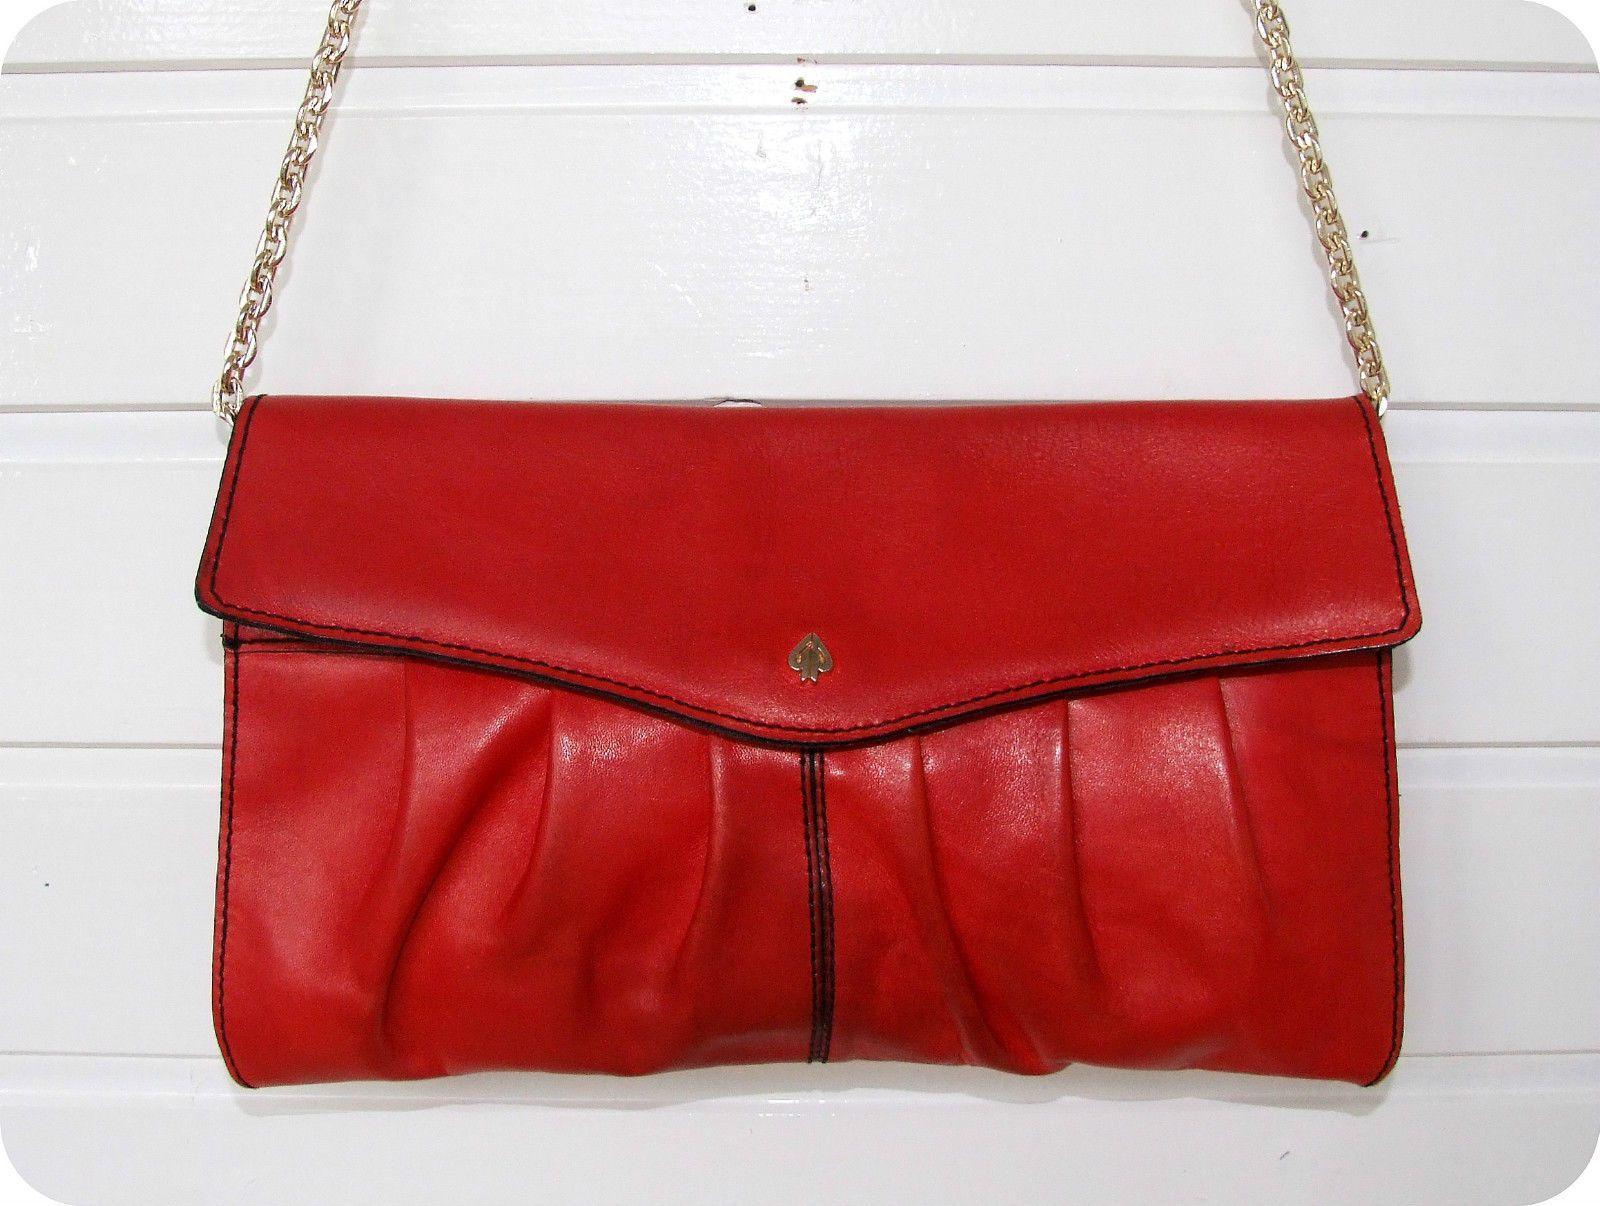 Vintage Picard Luxus Leder Handtasche Leather Bag Schultertasche Tasche Purse In Kleidung Accessoires Damentaschen